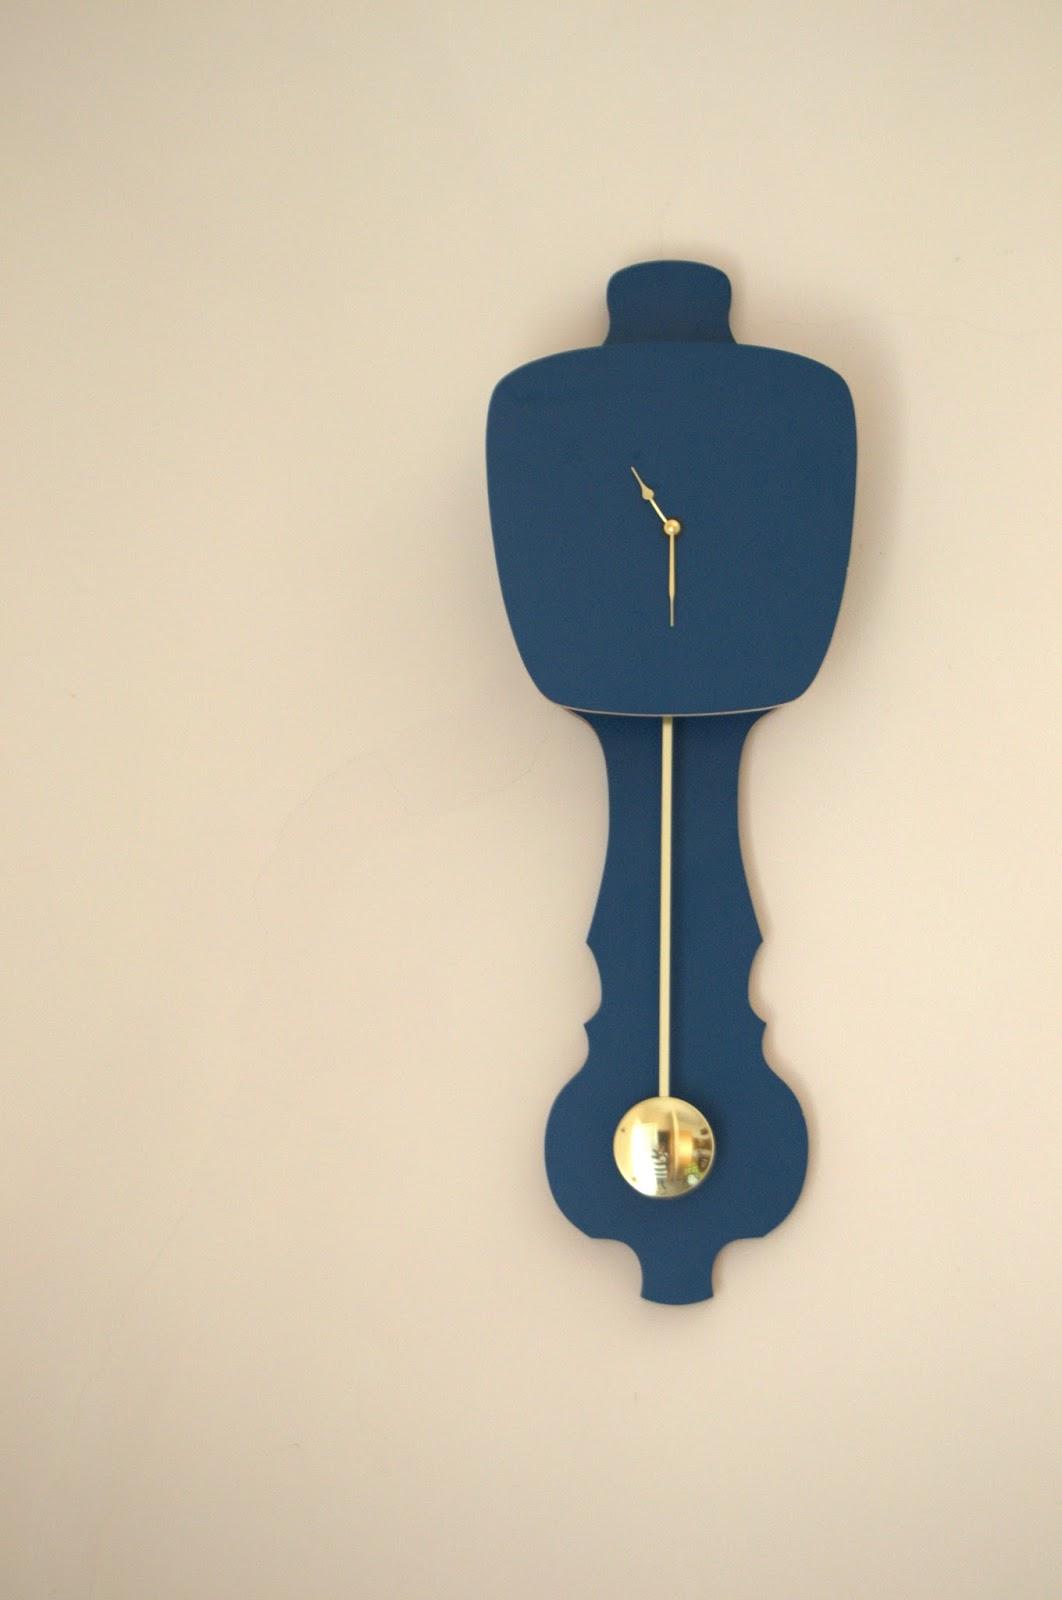 Horloge bleue pétrole * Kloq